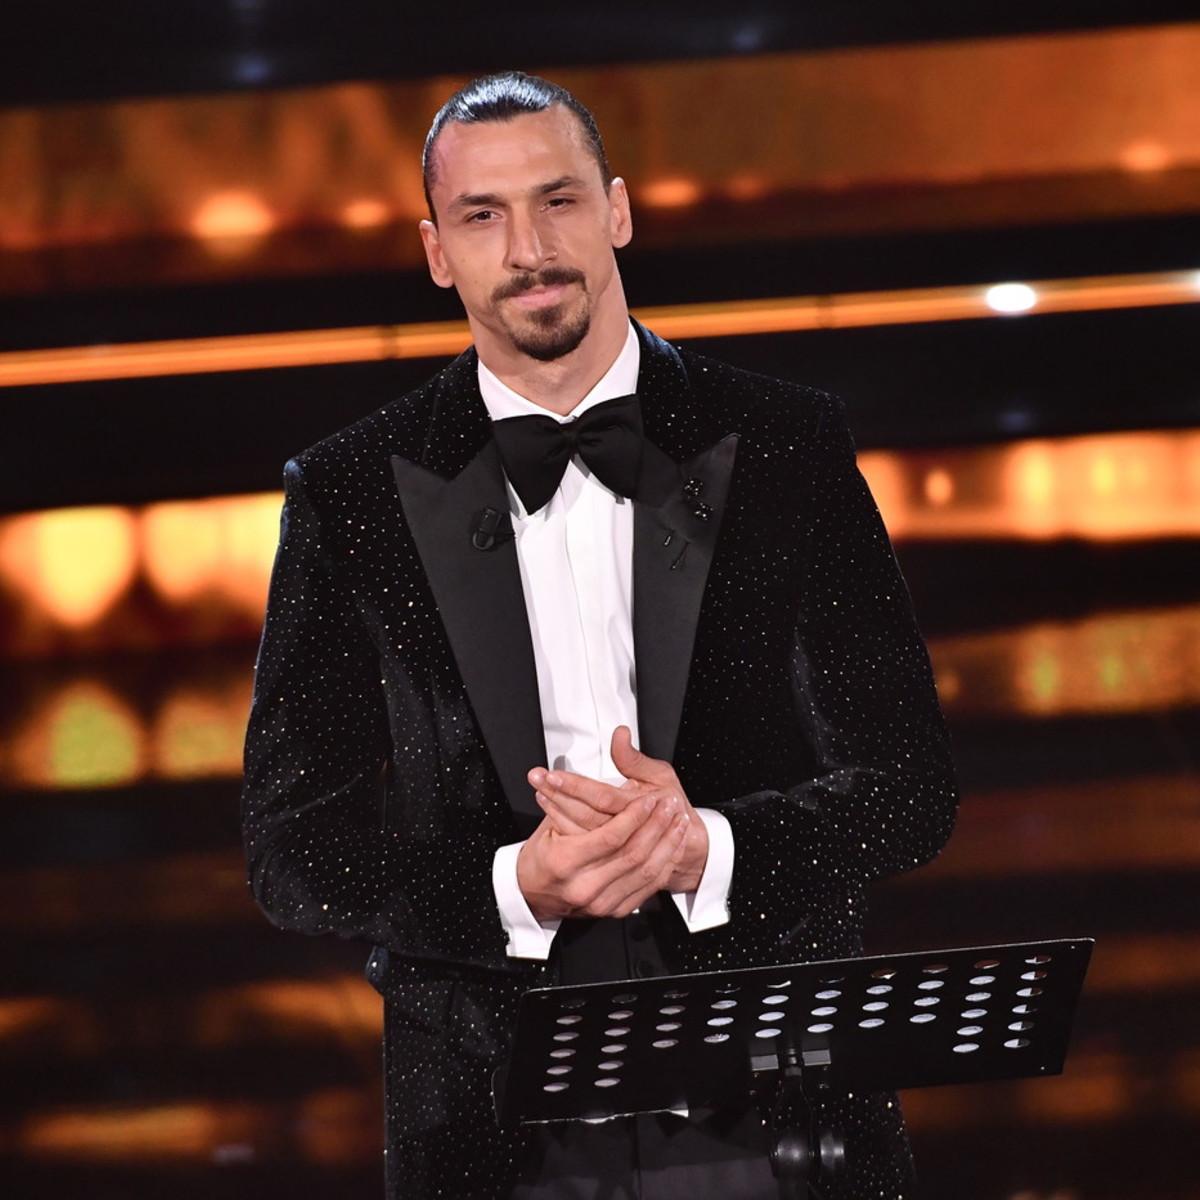 """Ibra: """"Se sbaglia Zlatan, puoi sbagliare anche tu. L'importante è fare la differenza"""""""